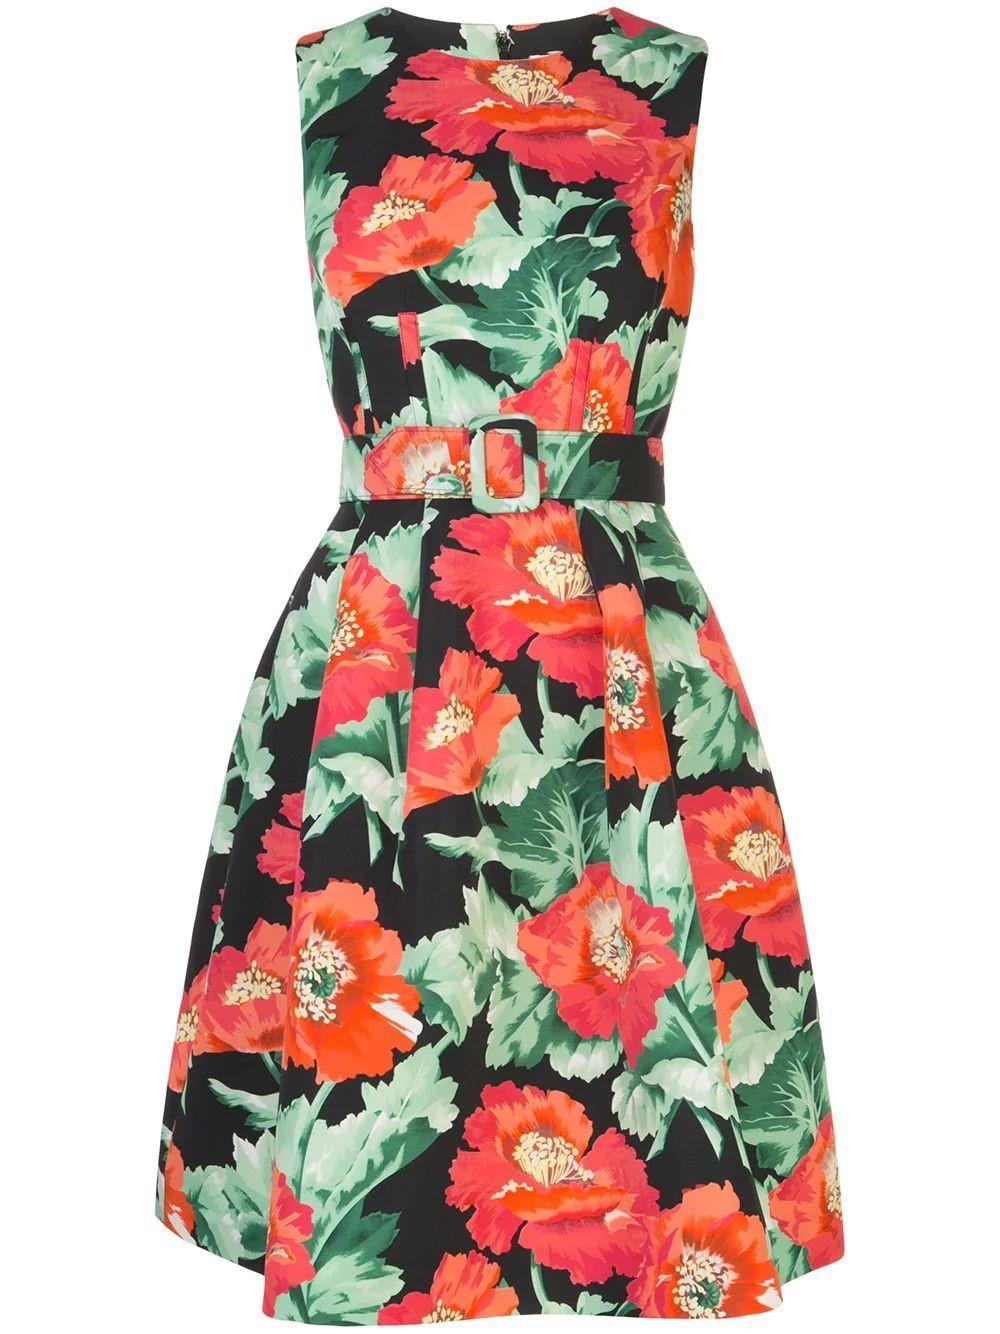 Floral Cocktail Dress Item # 20PN604VPF